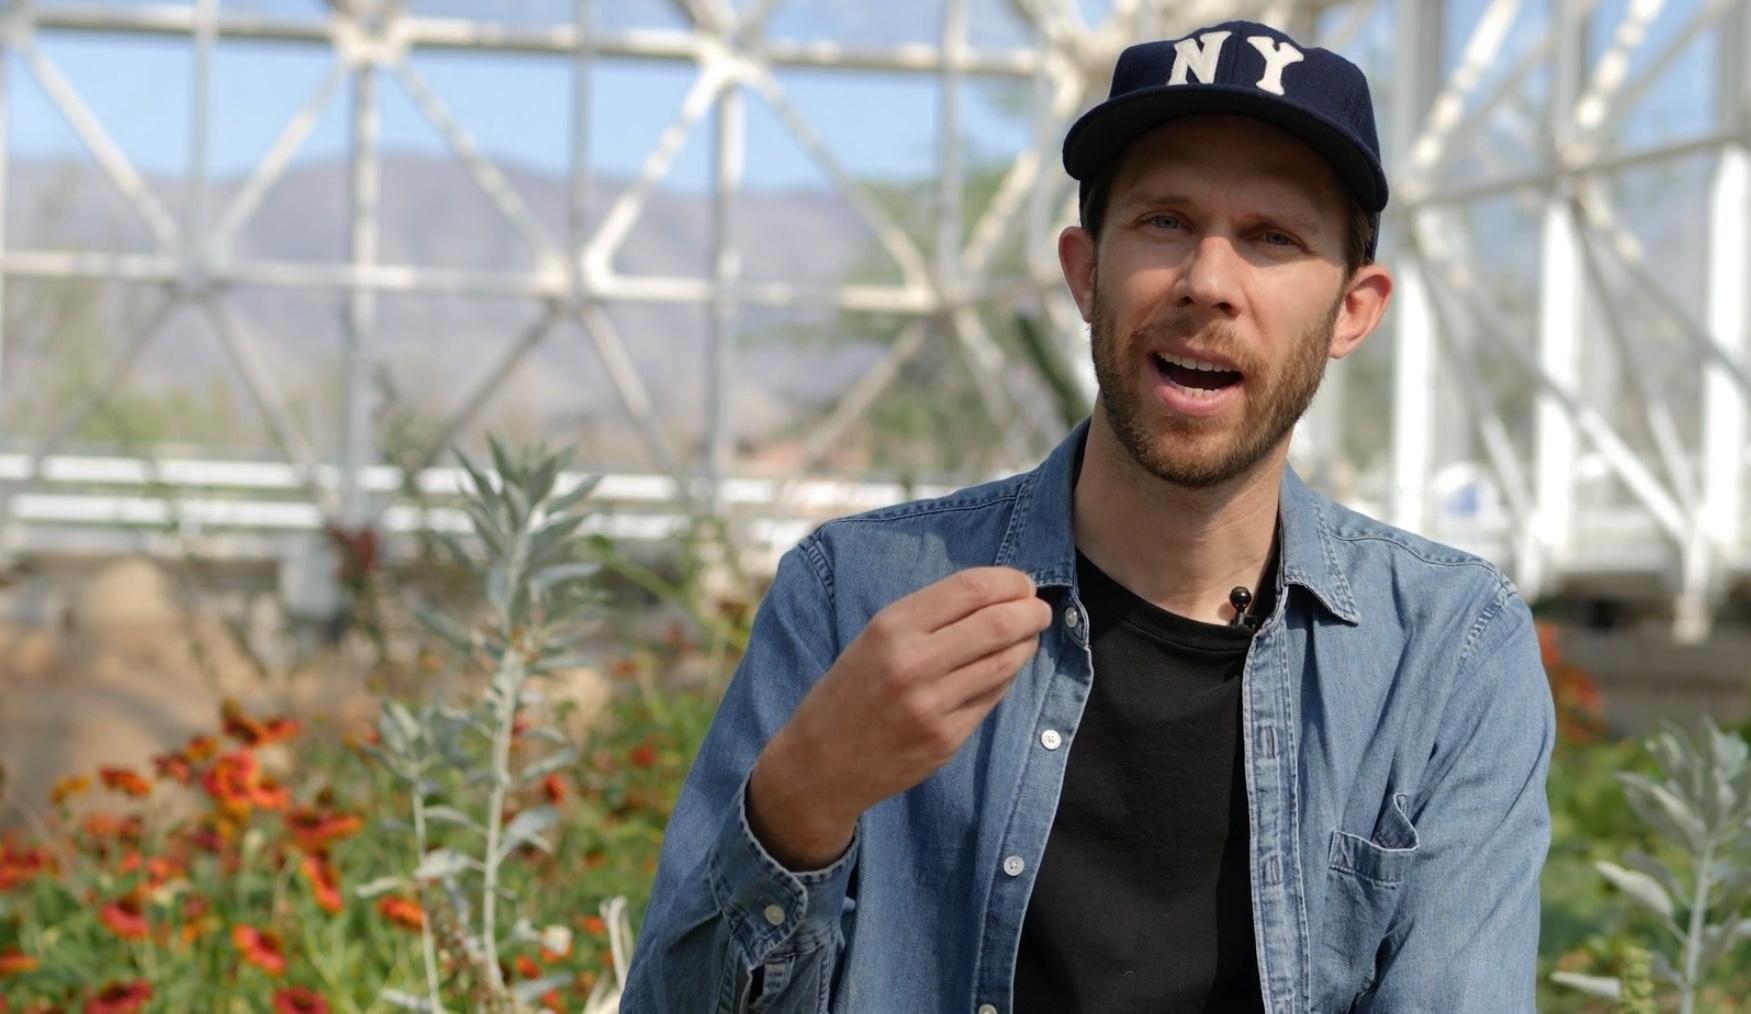 'Tangencies' brings people together at Biosphere 2